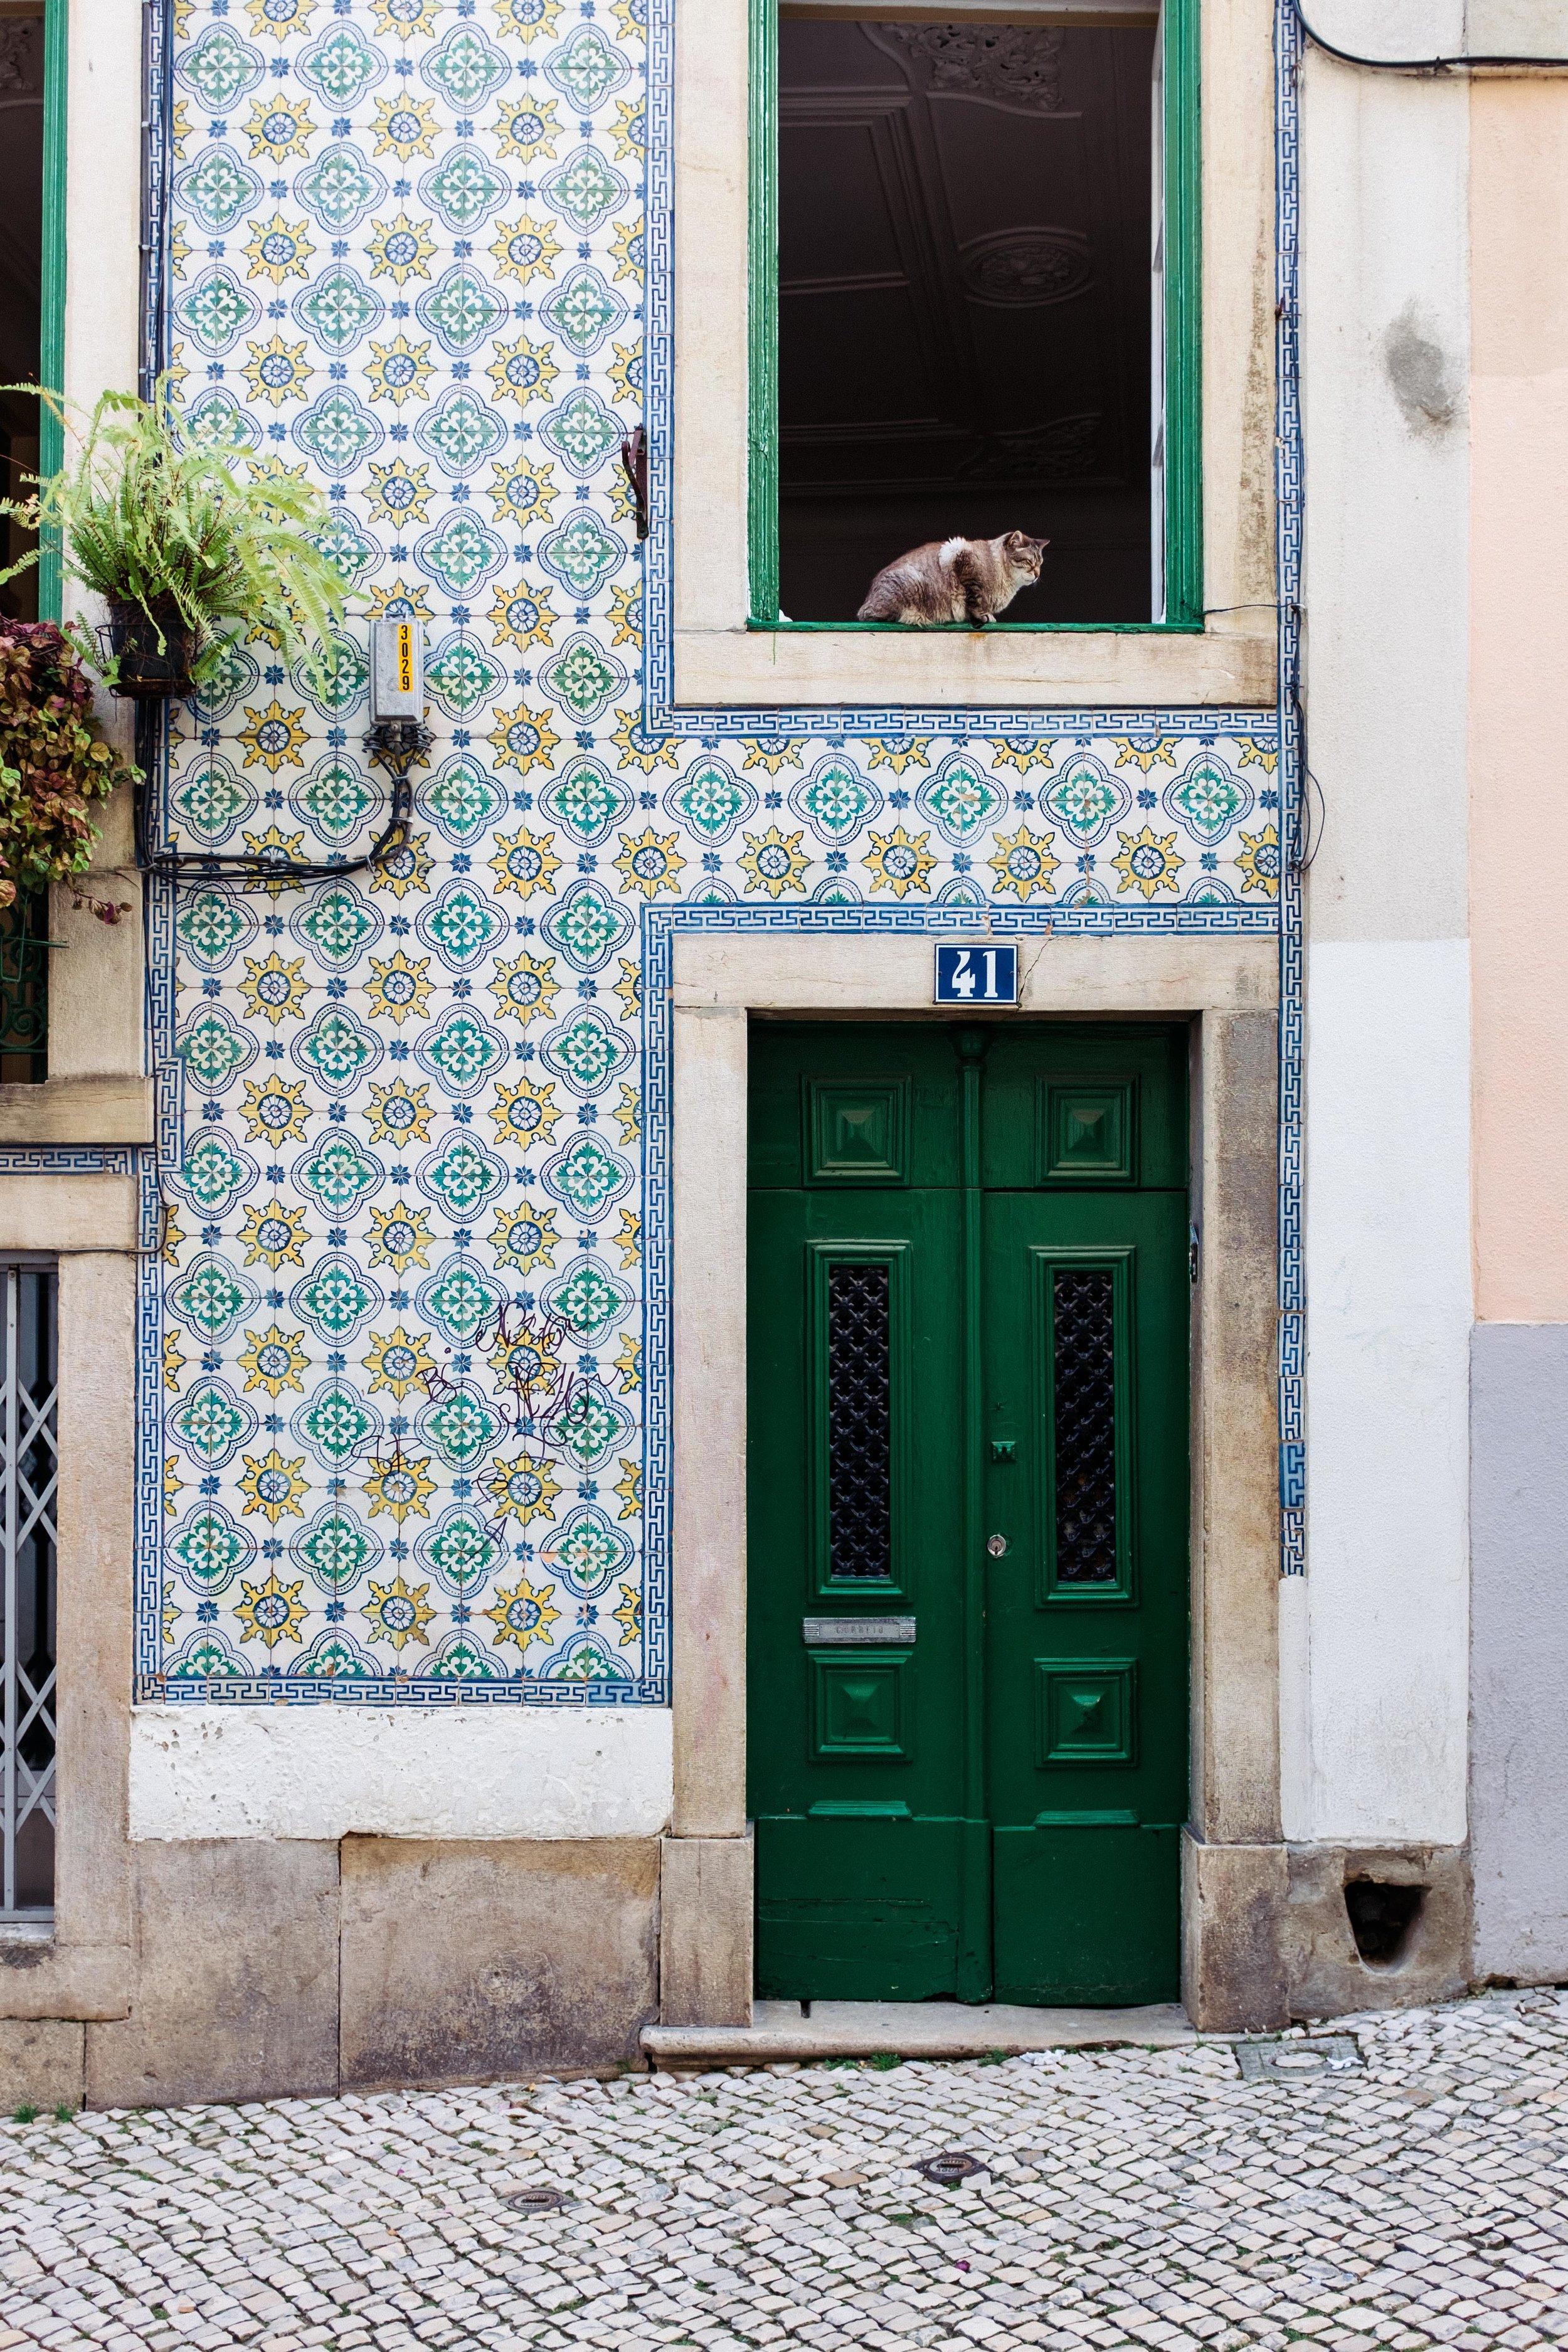 lisbon-portugal-cat-in-window